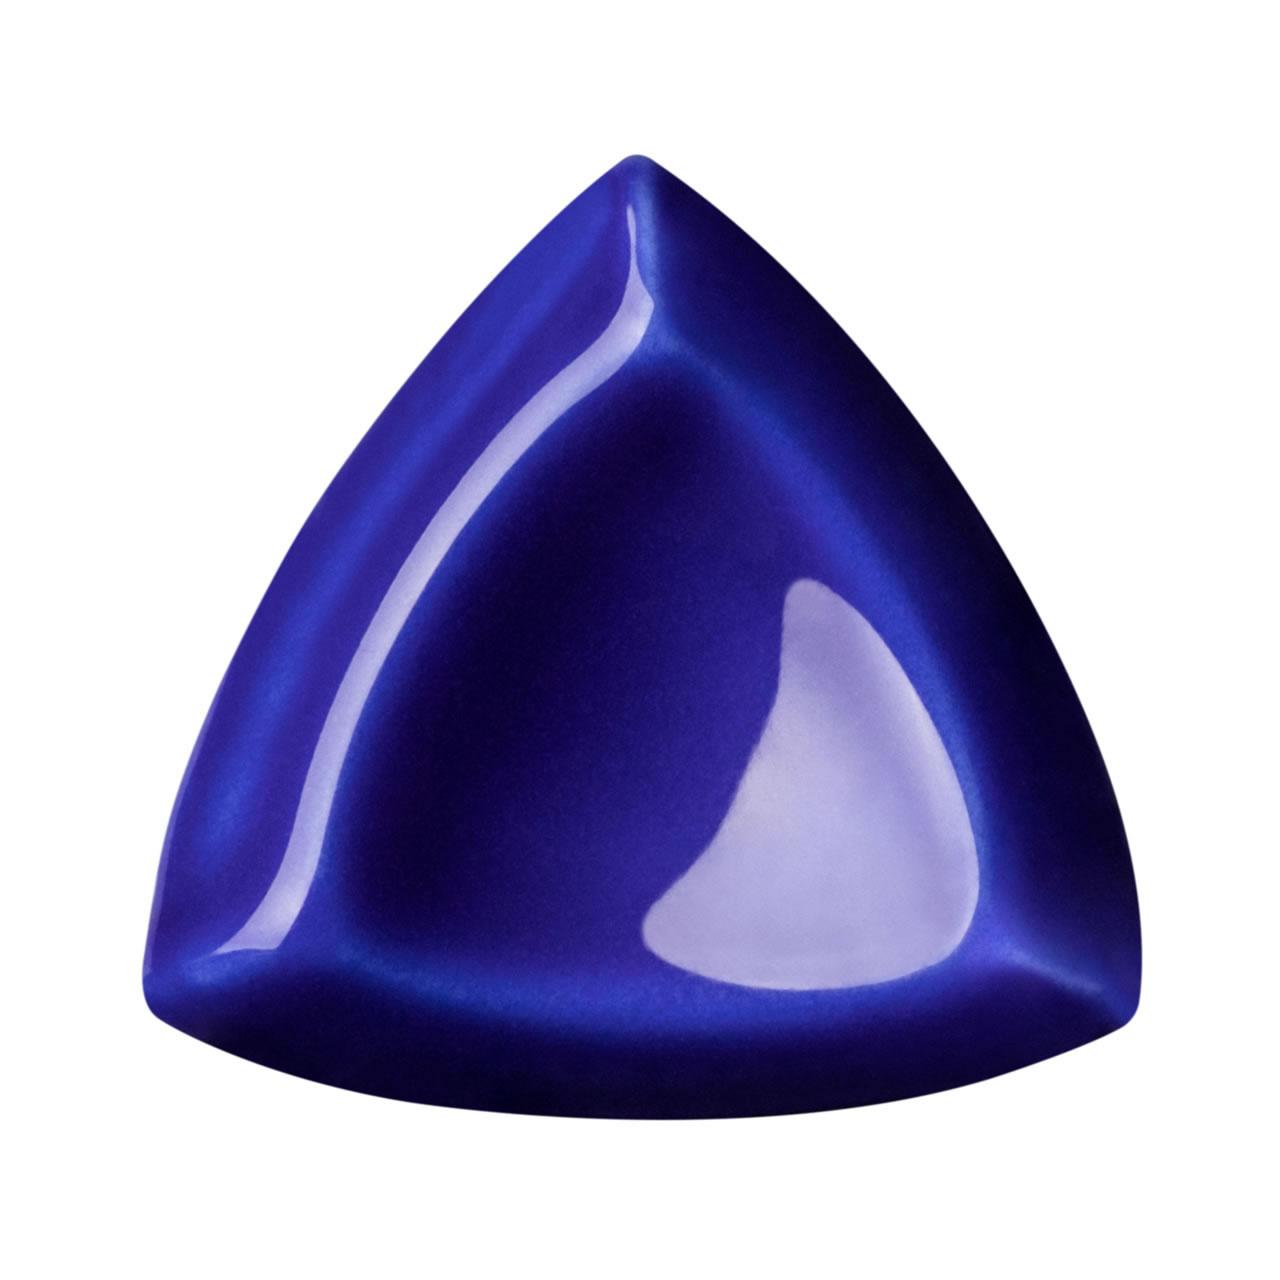 castanha interna azul naval 2,5×2,5